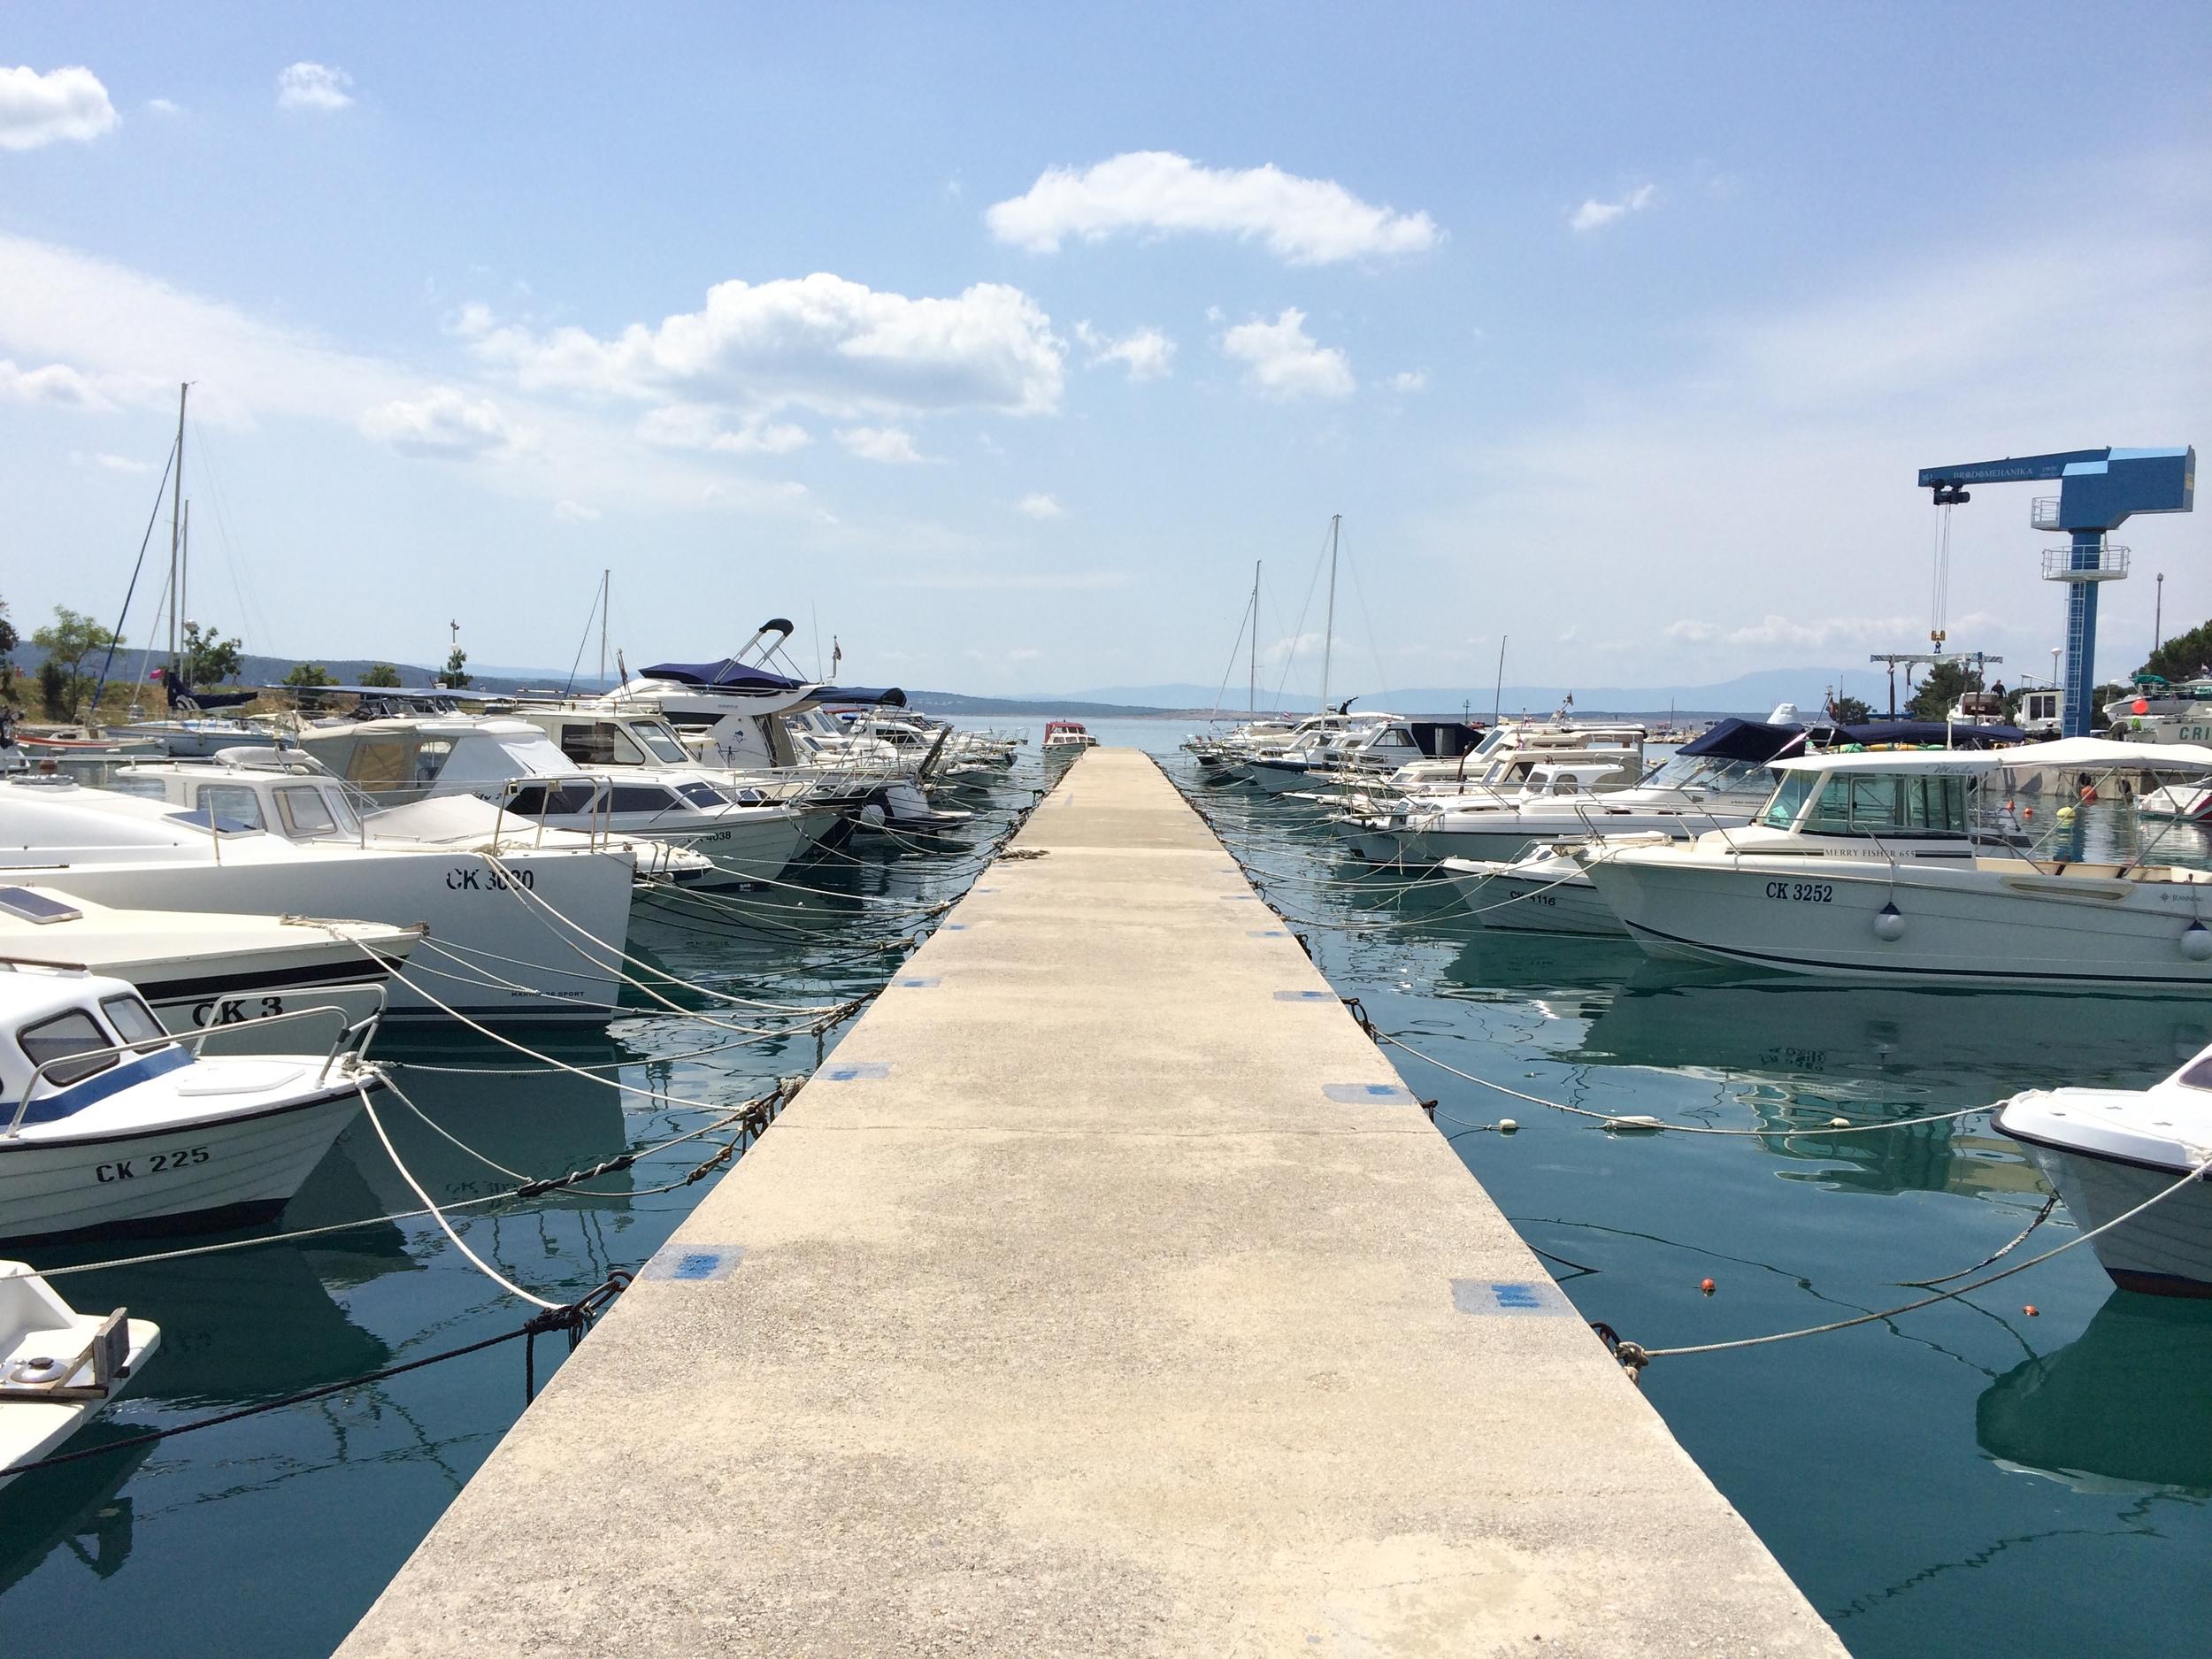 Crickvenice, Croatia